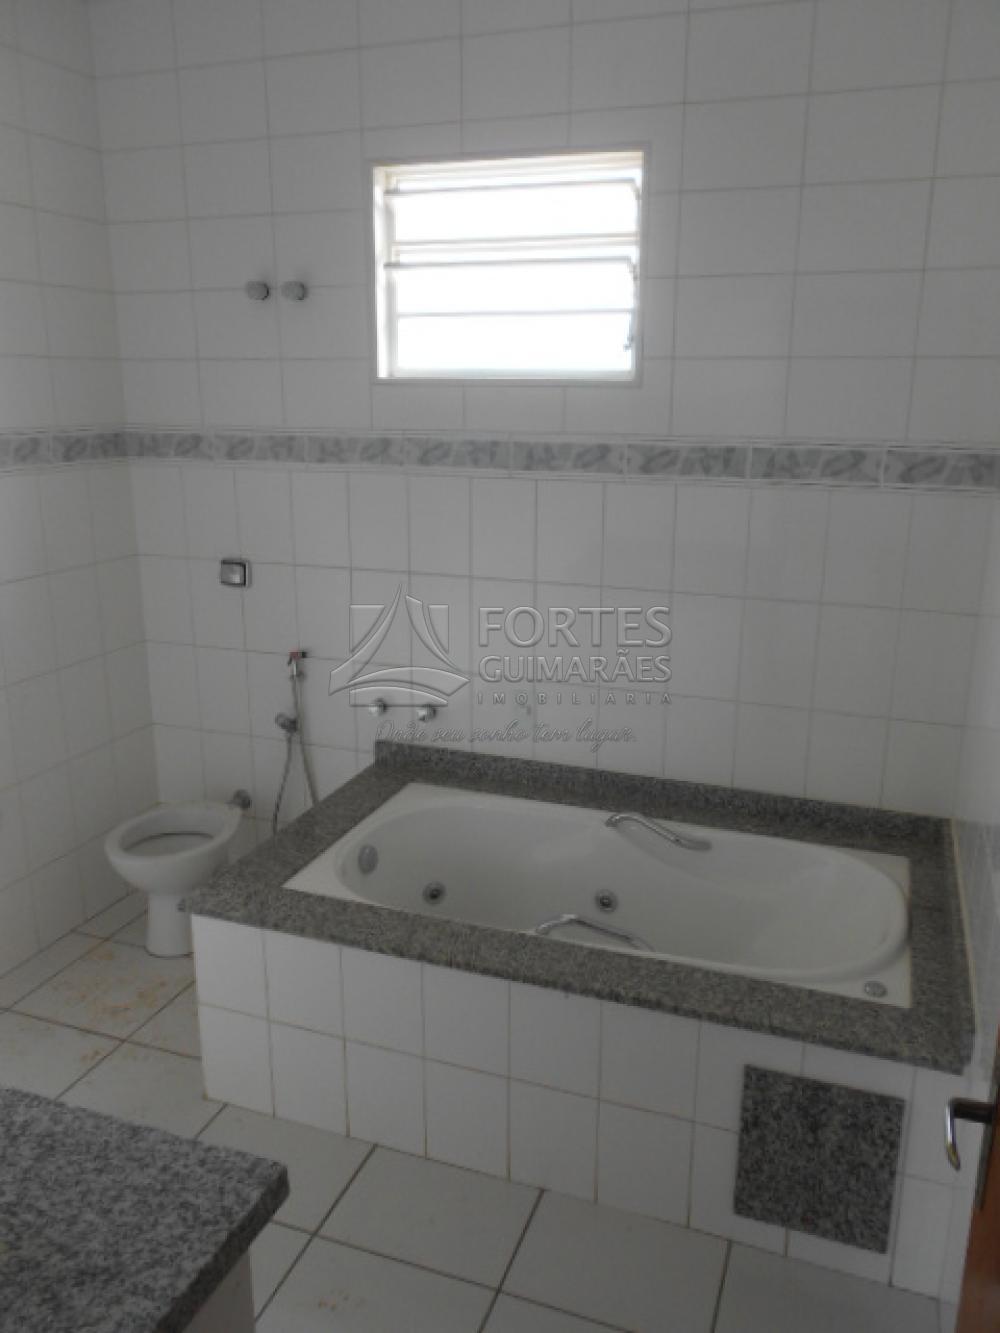 Alugar Casas / Padrão em Ribeirão Preto apenas R$ 12.000,00 - Foto 38